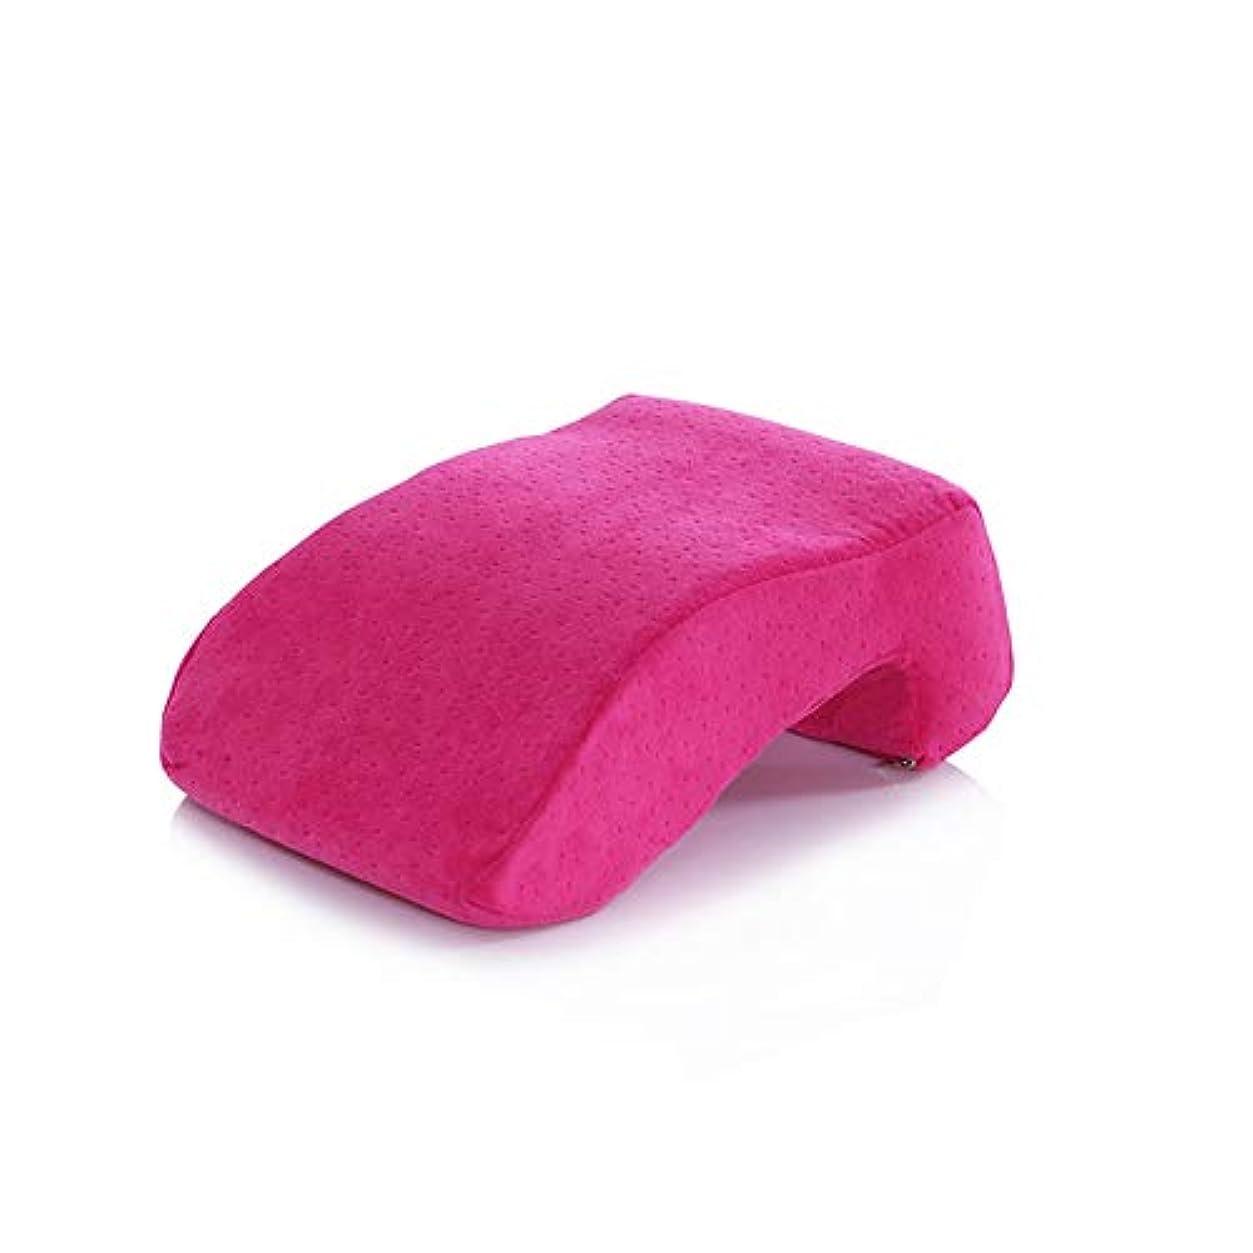 エキゾチック複雑な初心者取り外し可能なキルティングカバーが付いているサポート枕オフィスの休息の枕学生の昼休みの枕